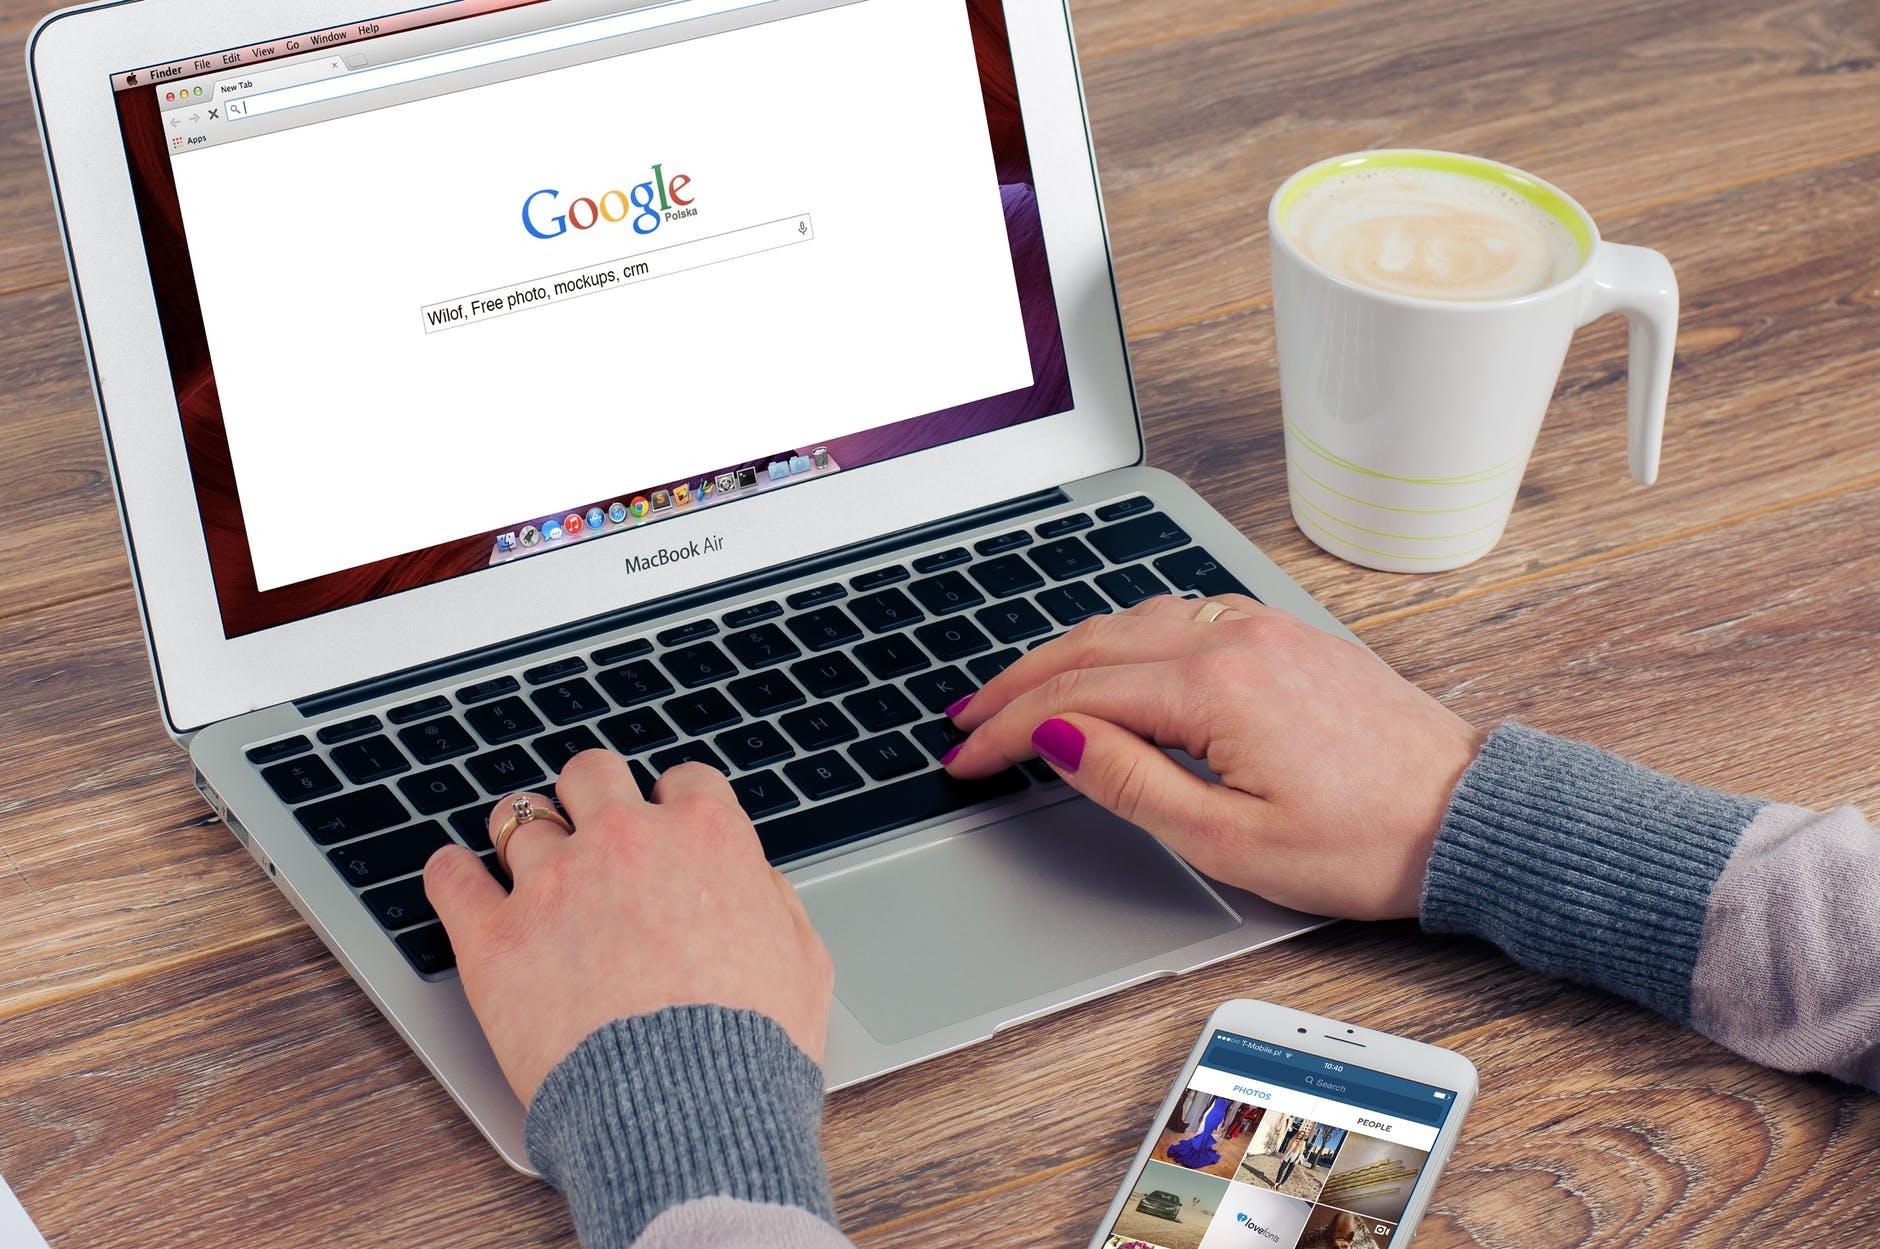 Comment avoir la première place sur Google?